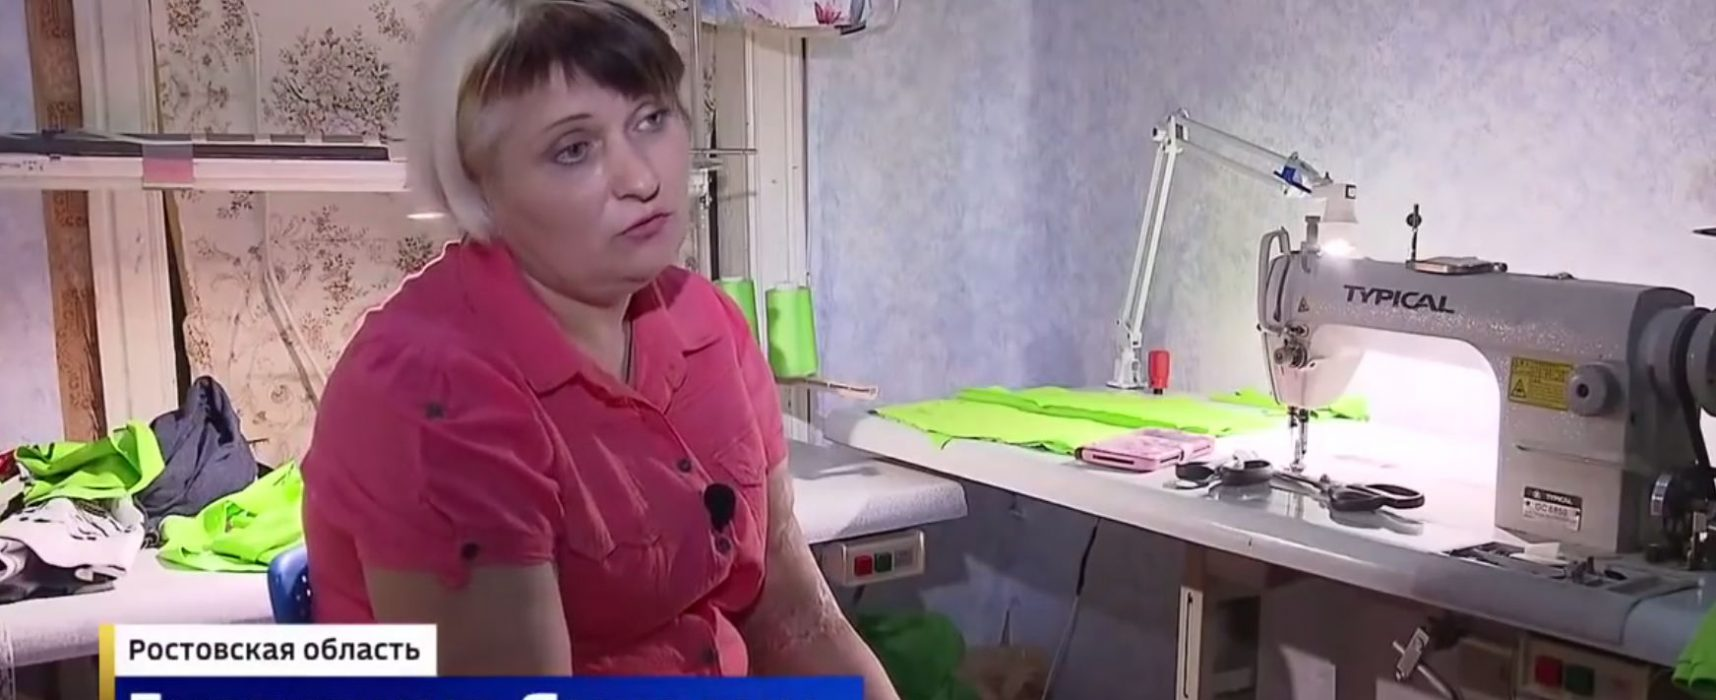 Фейк: от студентов в Украине требуют писать отказные от родственников в Росcии